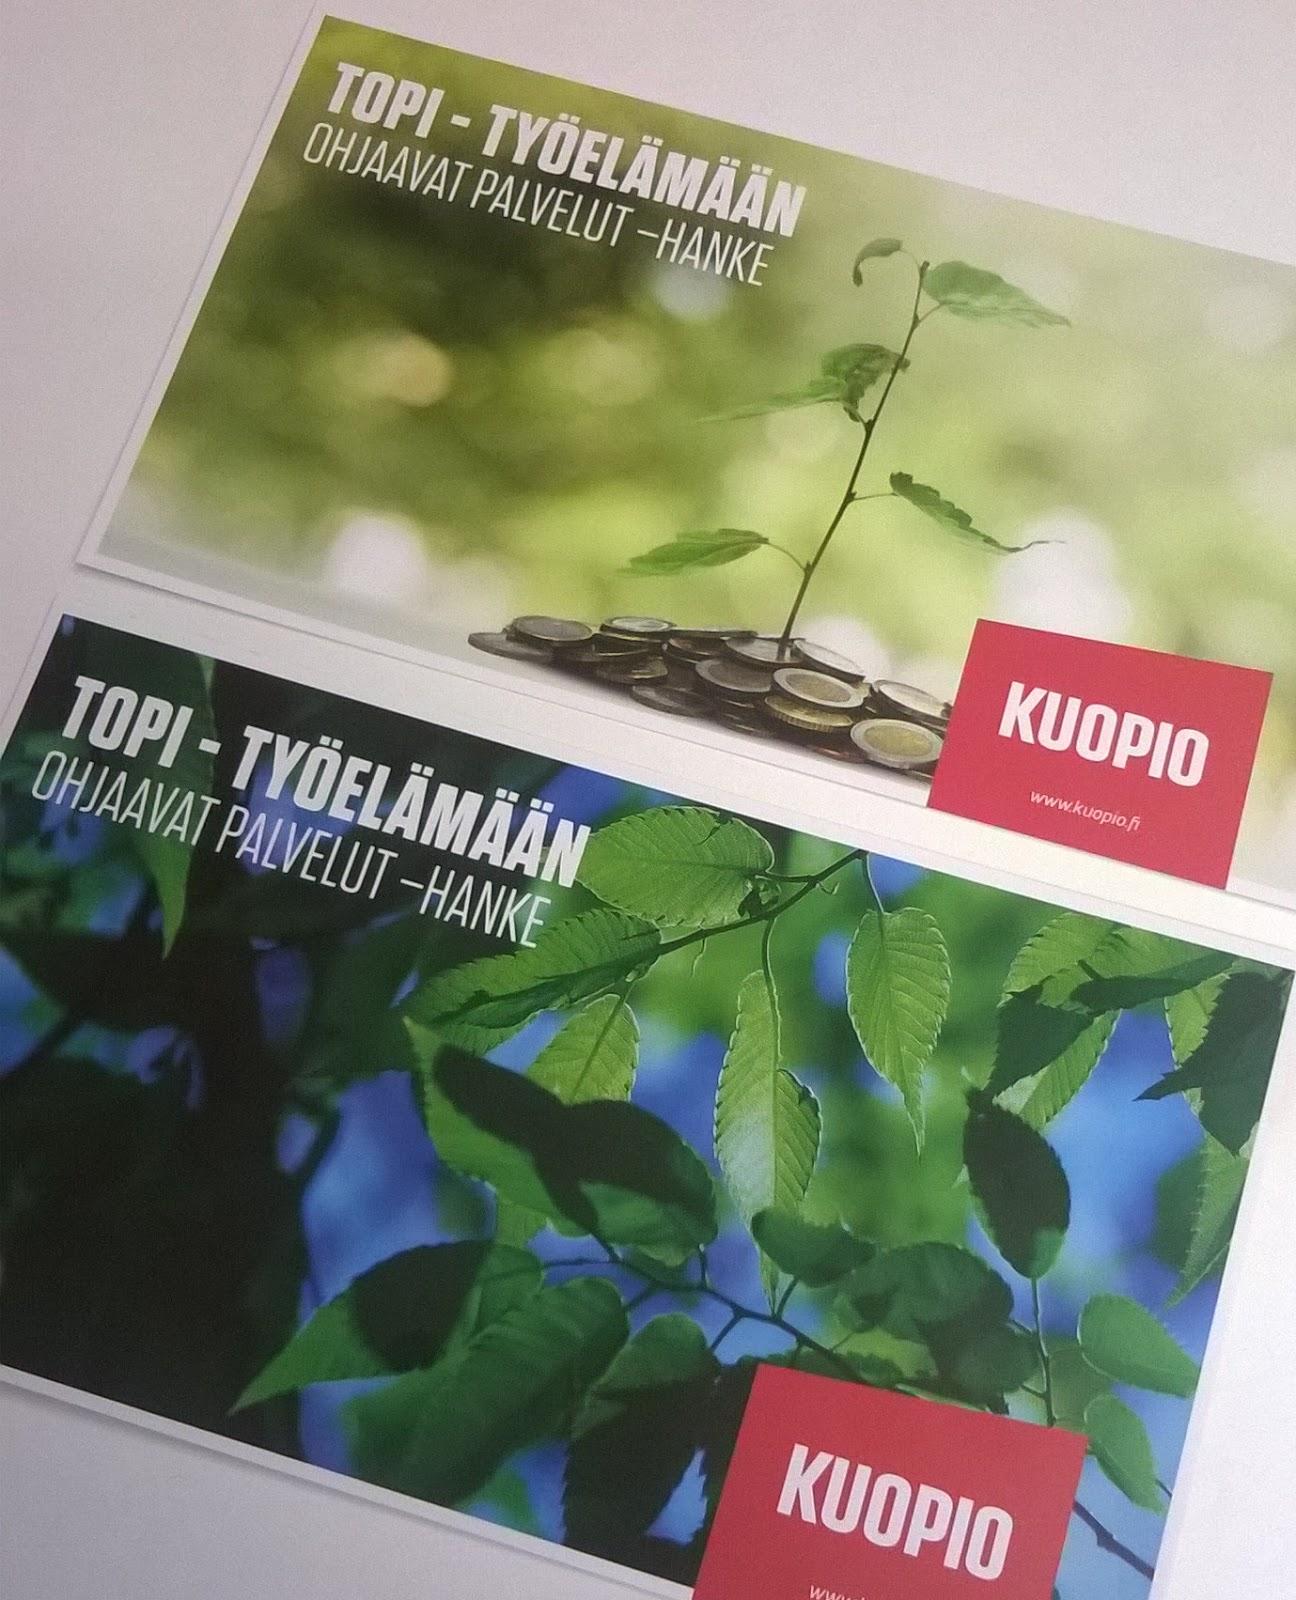 Kuopion kaupunki TOPI blogi starttaa!